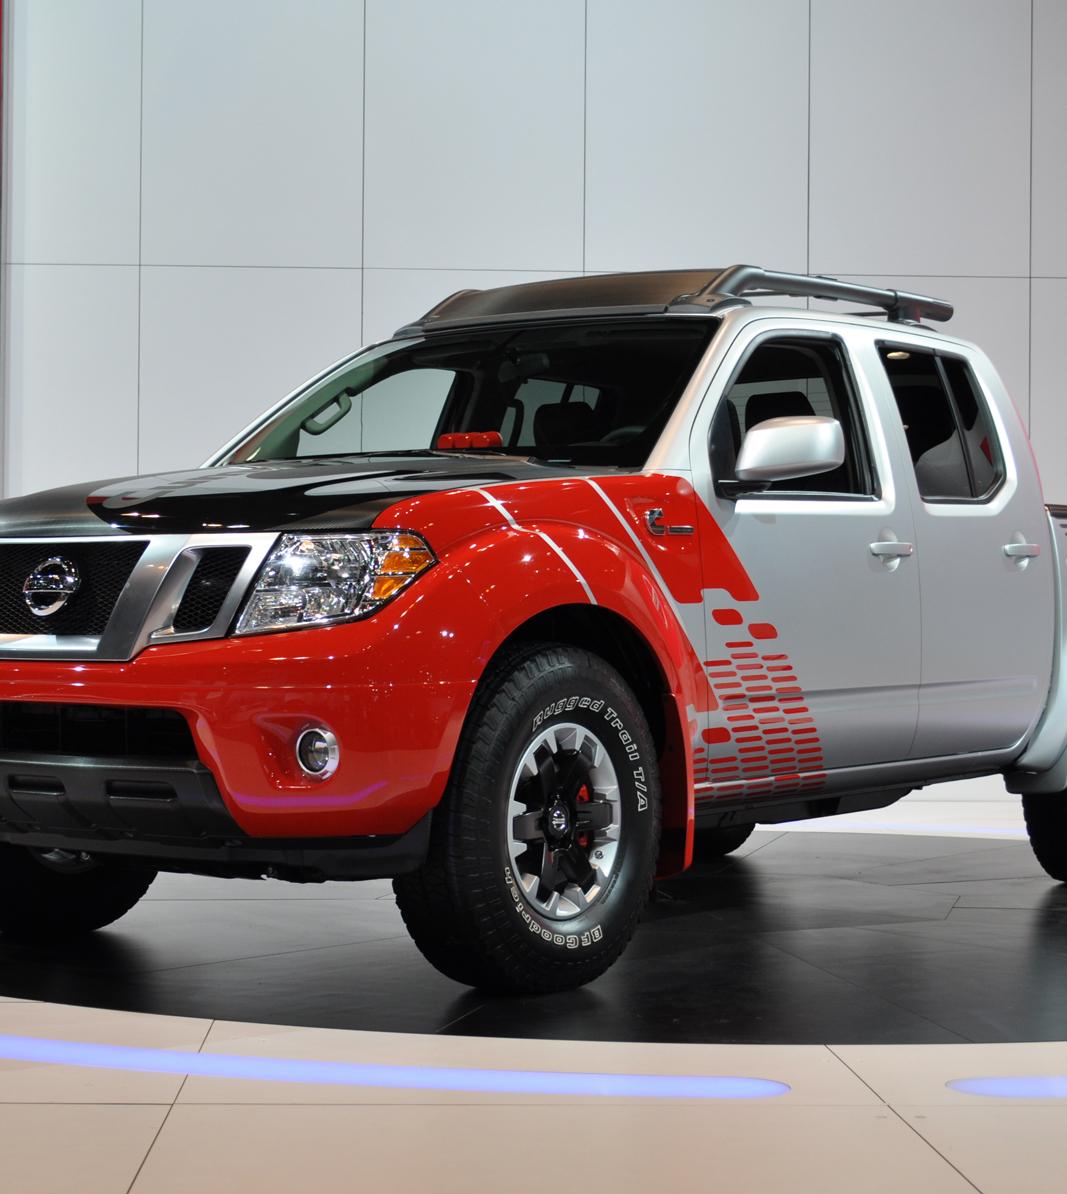 Nissan Frontier Diesel Runner in Chicago